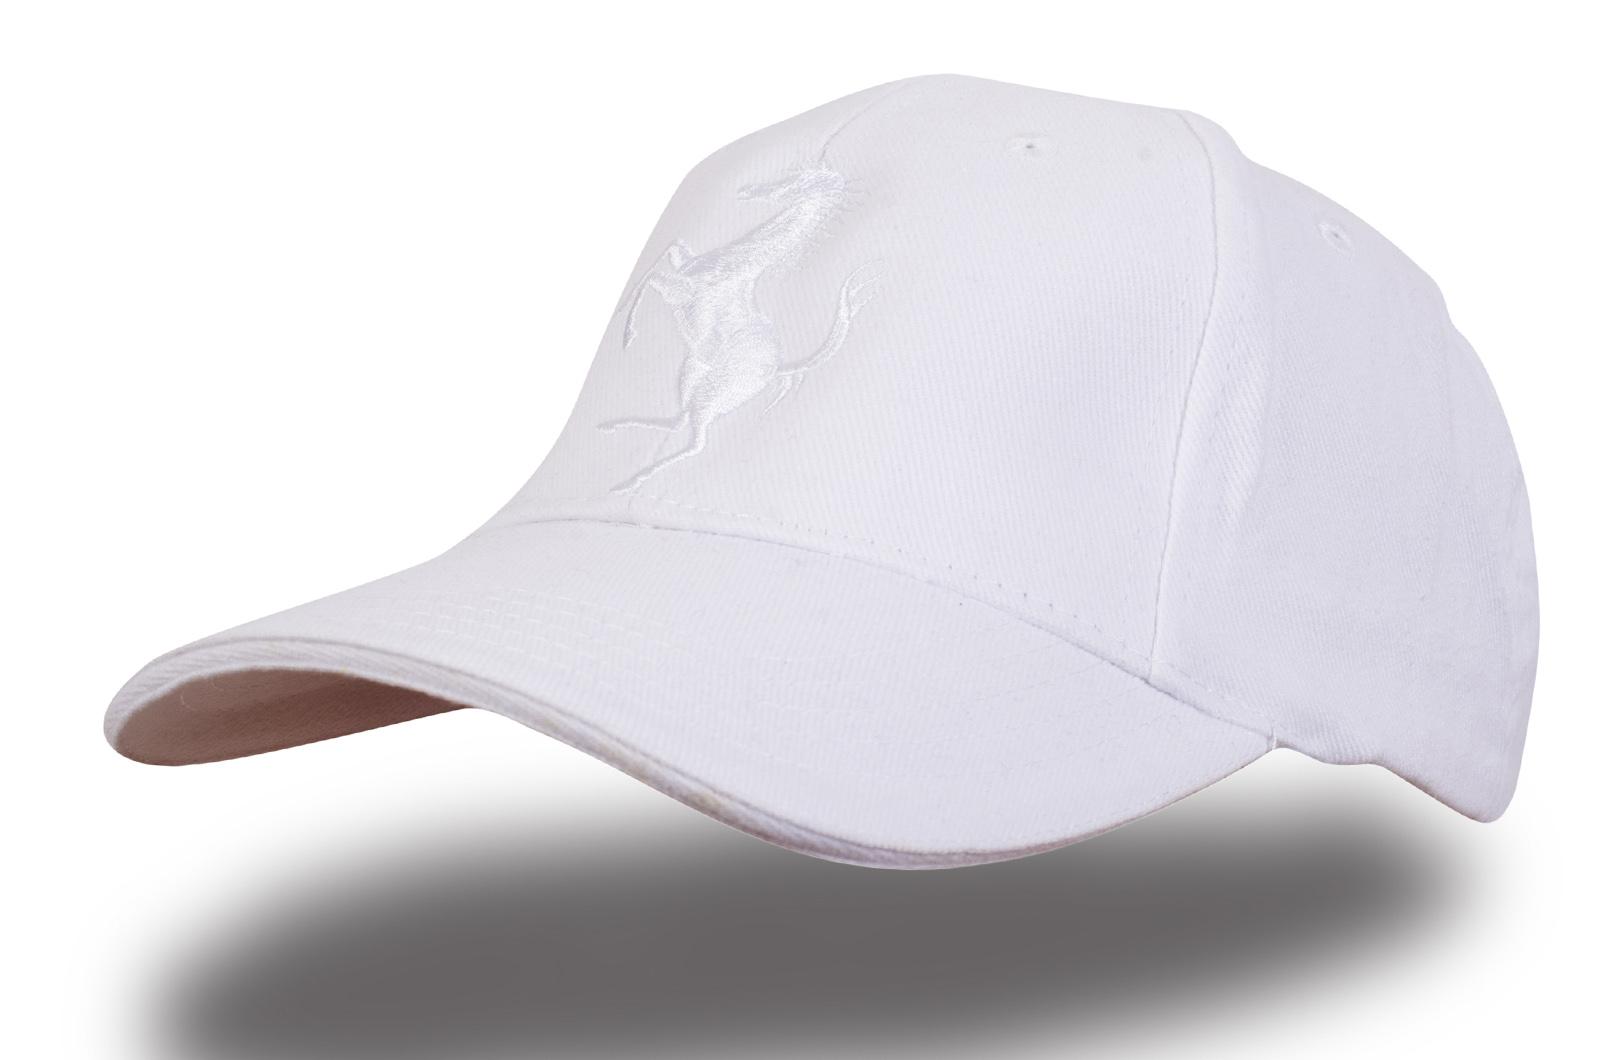 Белая кепка Ferrari - купить в интернет-магазине с доставкой